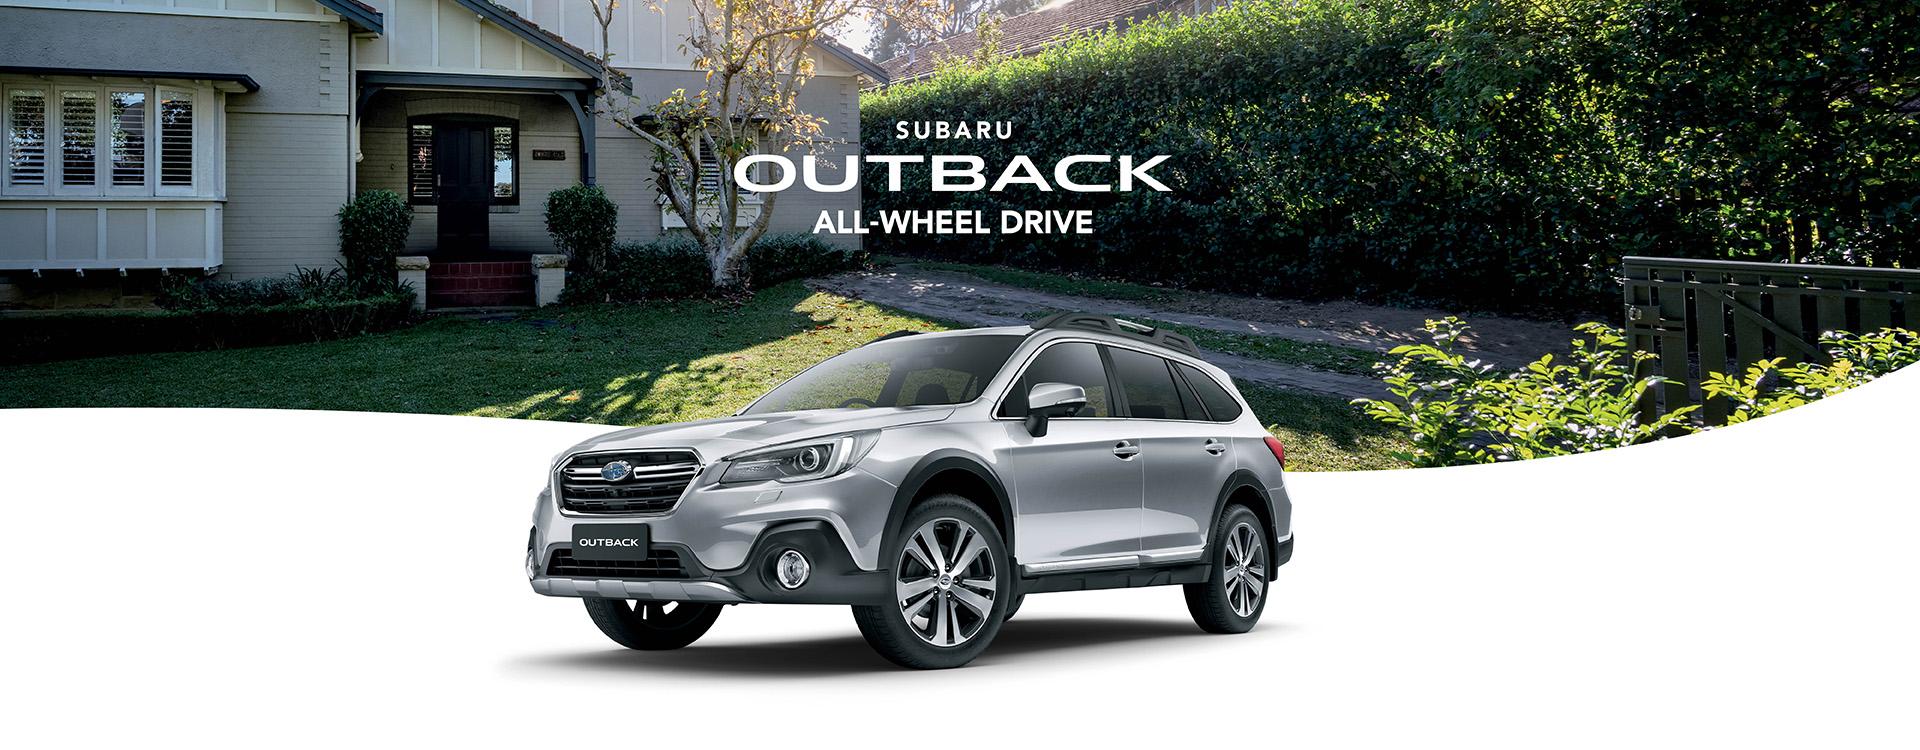 Subaru Outback Accessory Packs | Subaru Australia